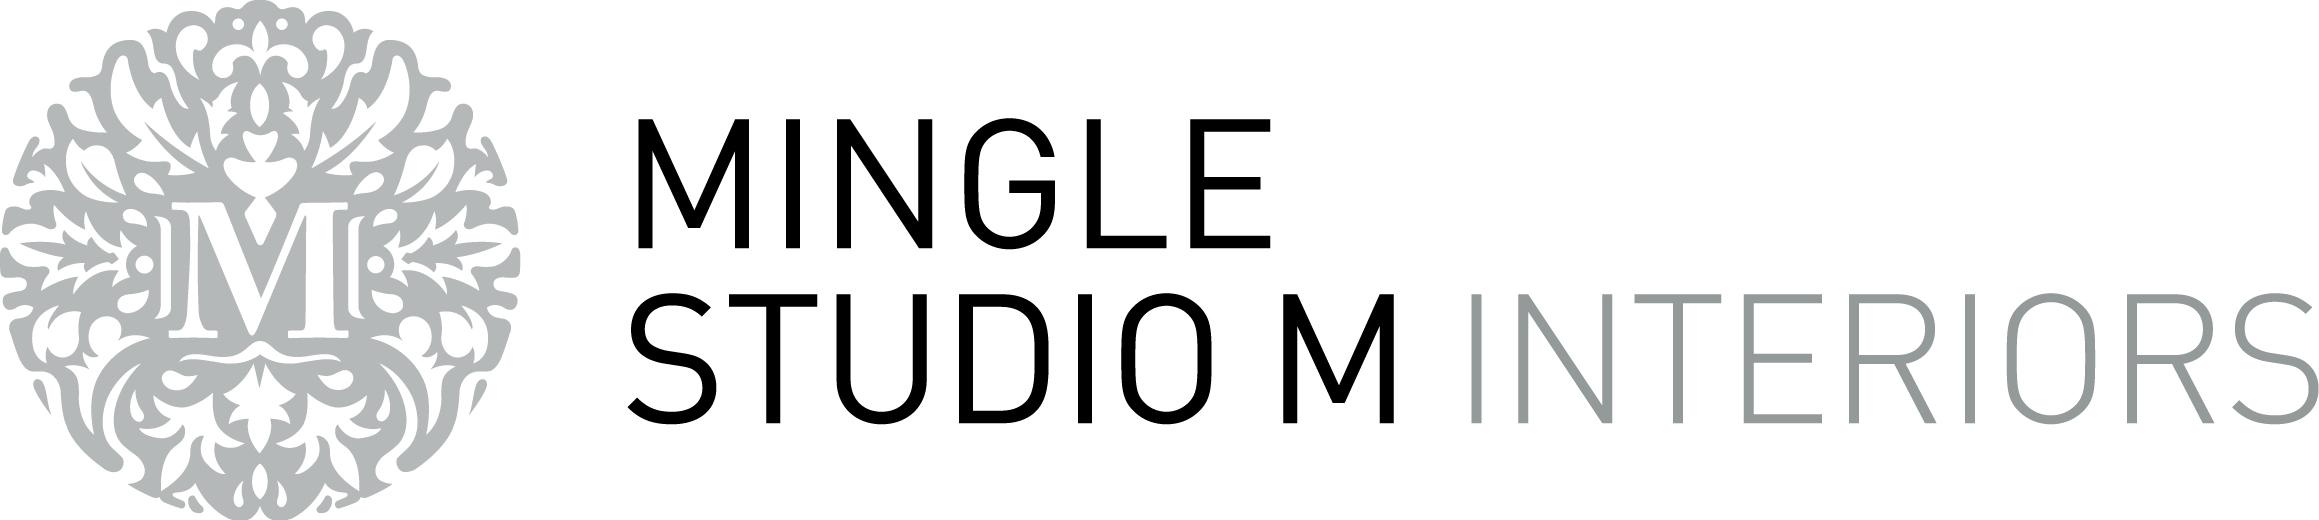 Mingle Studio